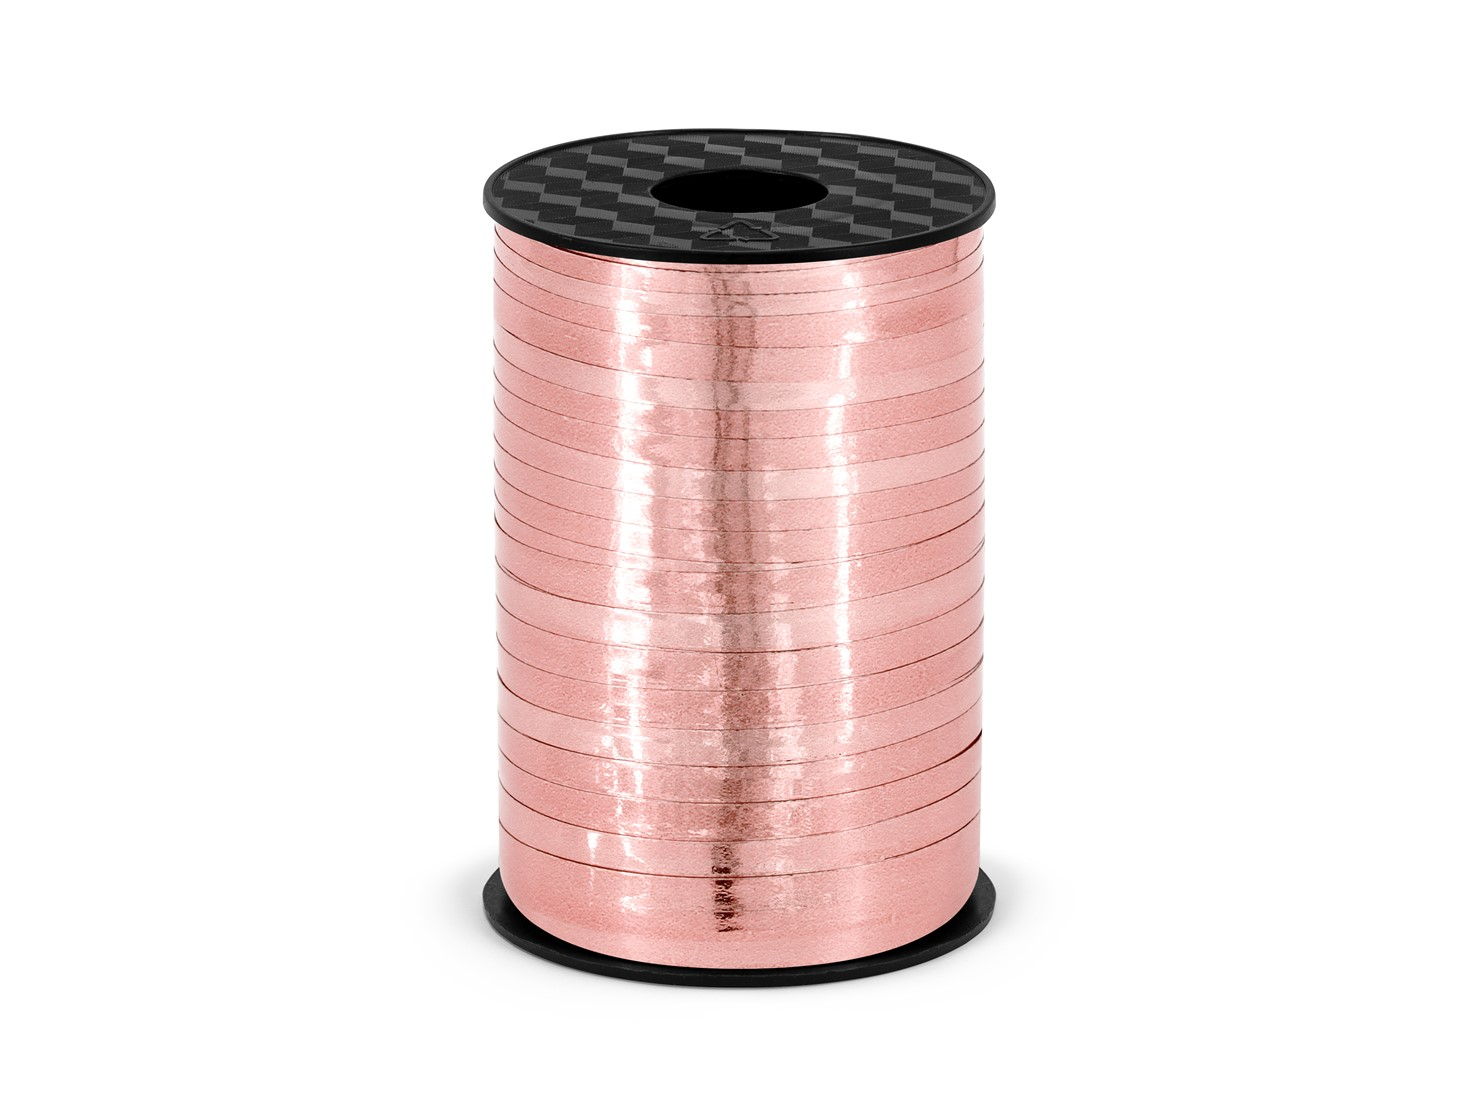 Πλαστική Κορδέλα Ροζ Χρυσή 225 Μέτρα